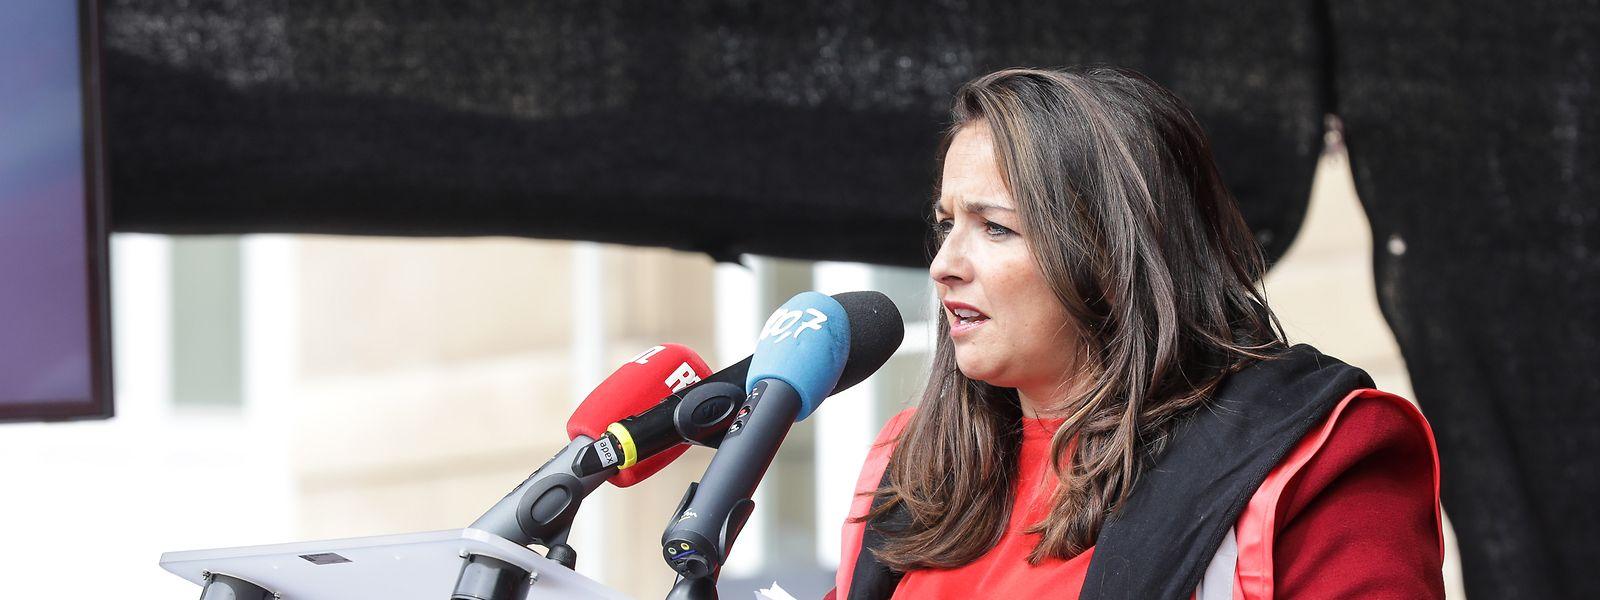 """OGBL-Präsidentin Nora Back warf der Regierung vor, den Sozialdialog in der Corona-Krise vernachlässigt zu haben. Statt echten Gesprächen habe es nur """"Alibiprozeduren"""" gegeben."""